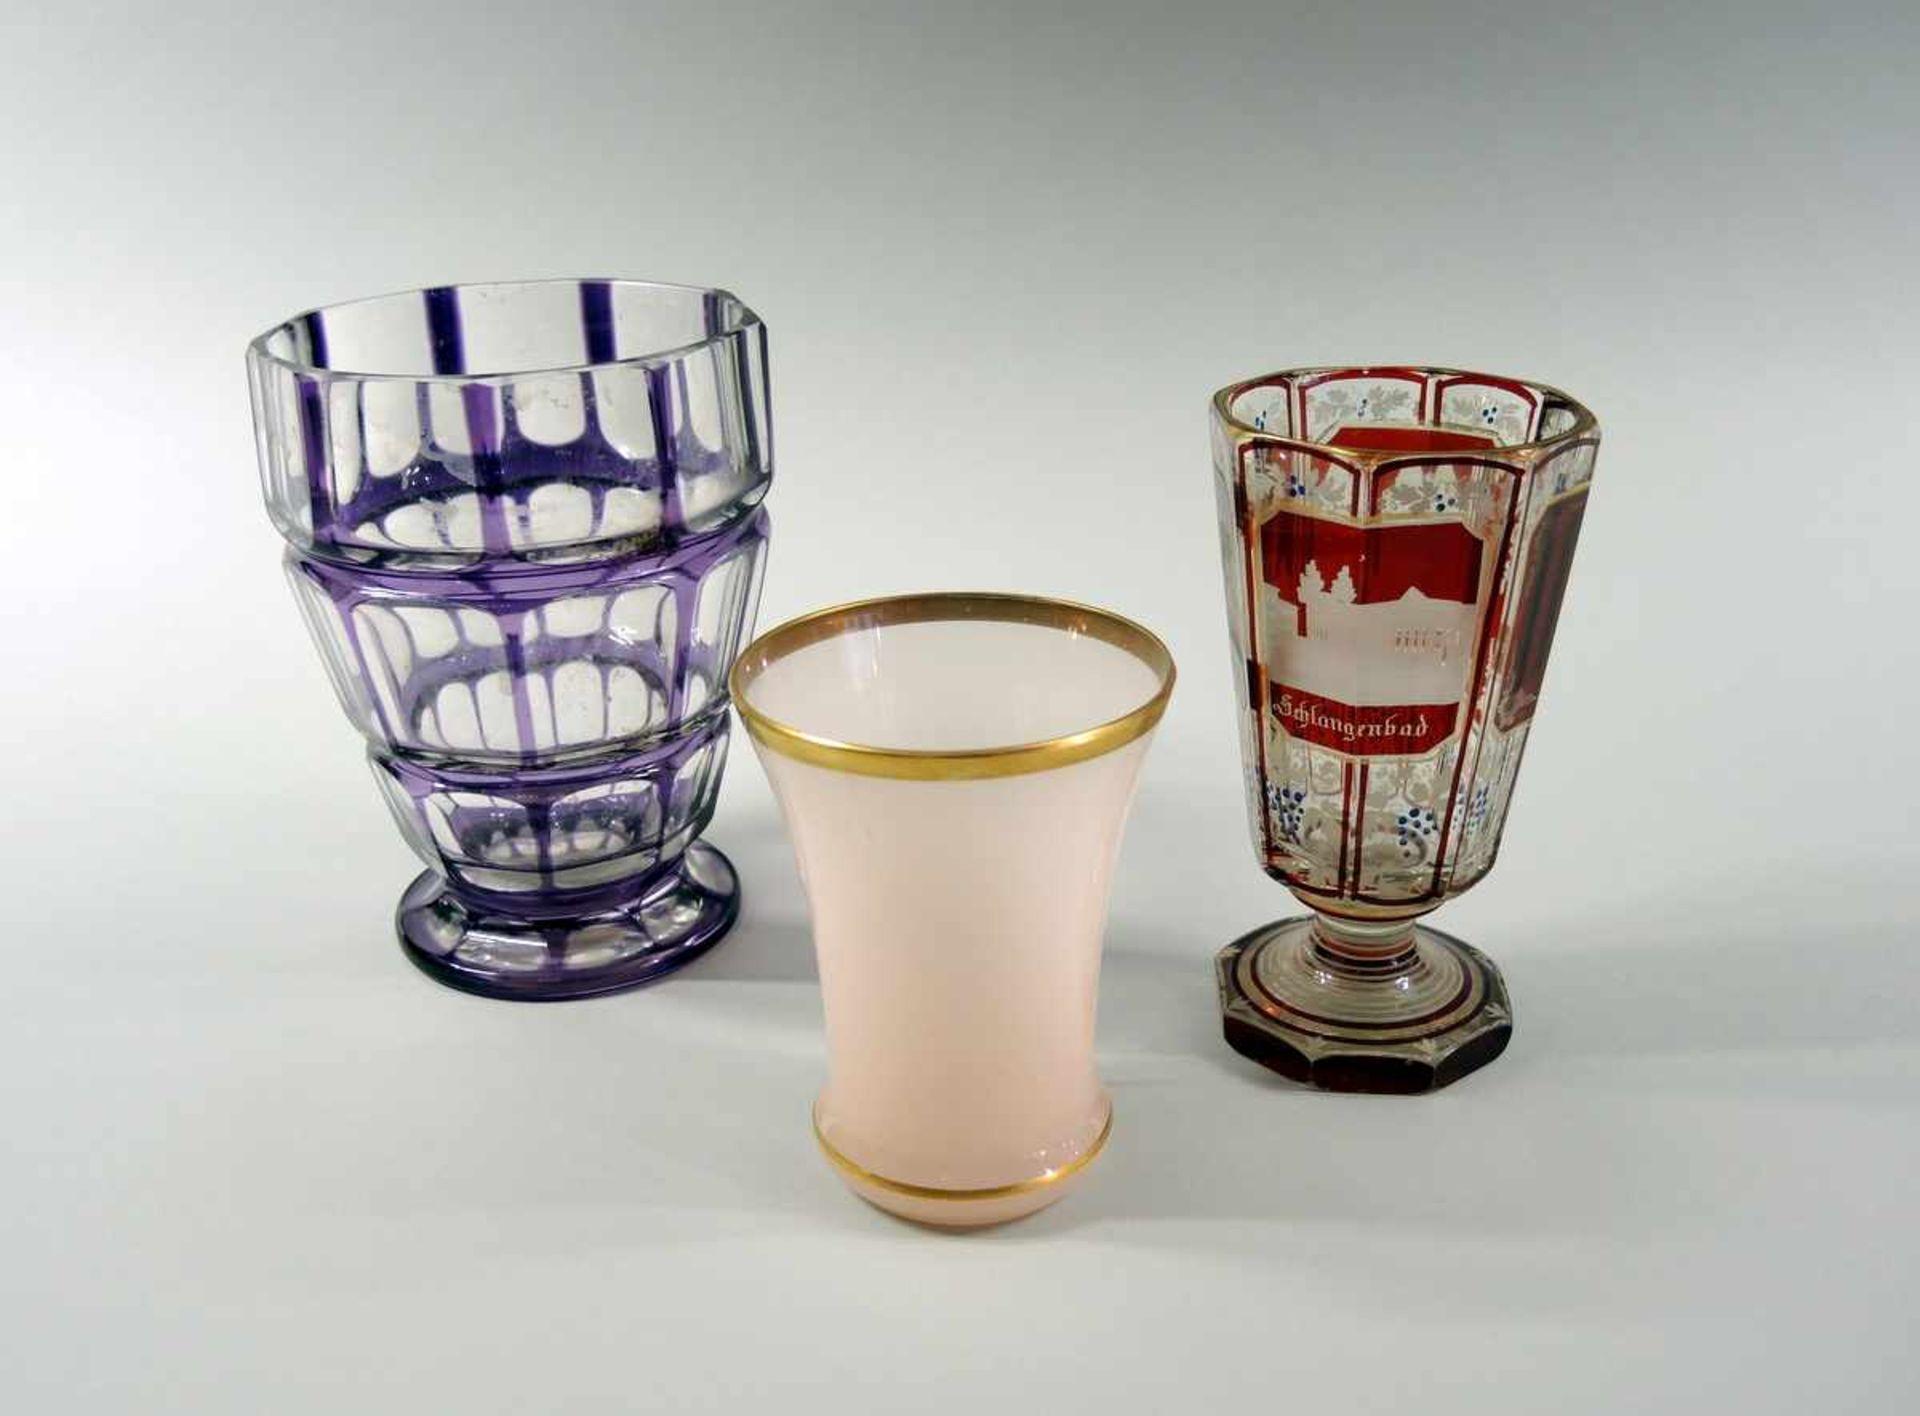 Los 36 - Biedermeier Gläser Glas. Set besteht aus 3 Teilen, darunter ein rosa Becher mit Goldrand, eine